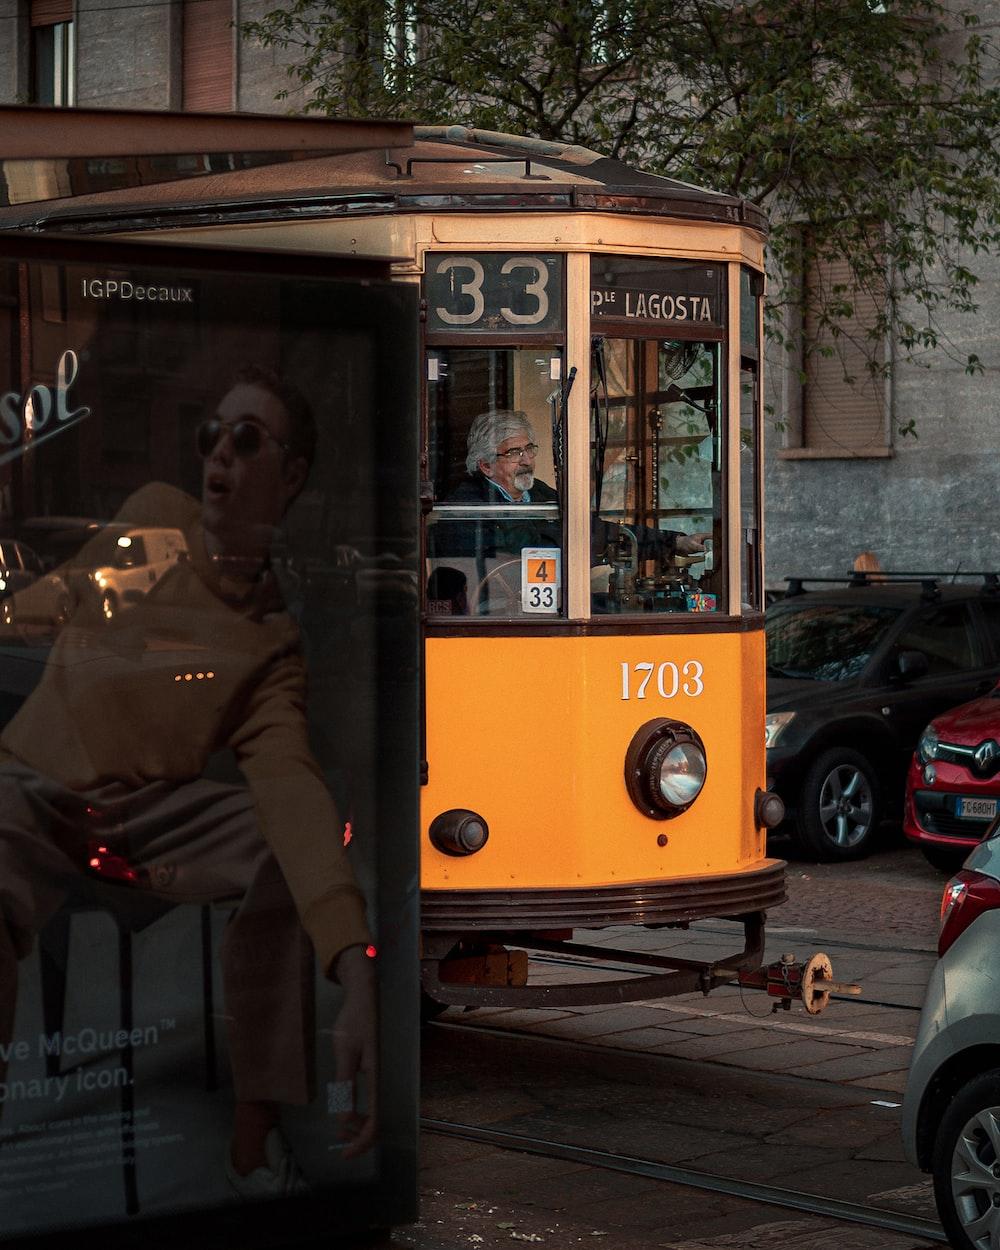 man in brown jacket sitting on yellow bus during daytime